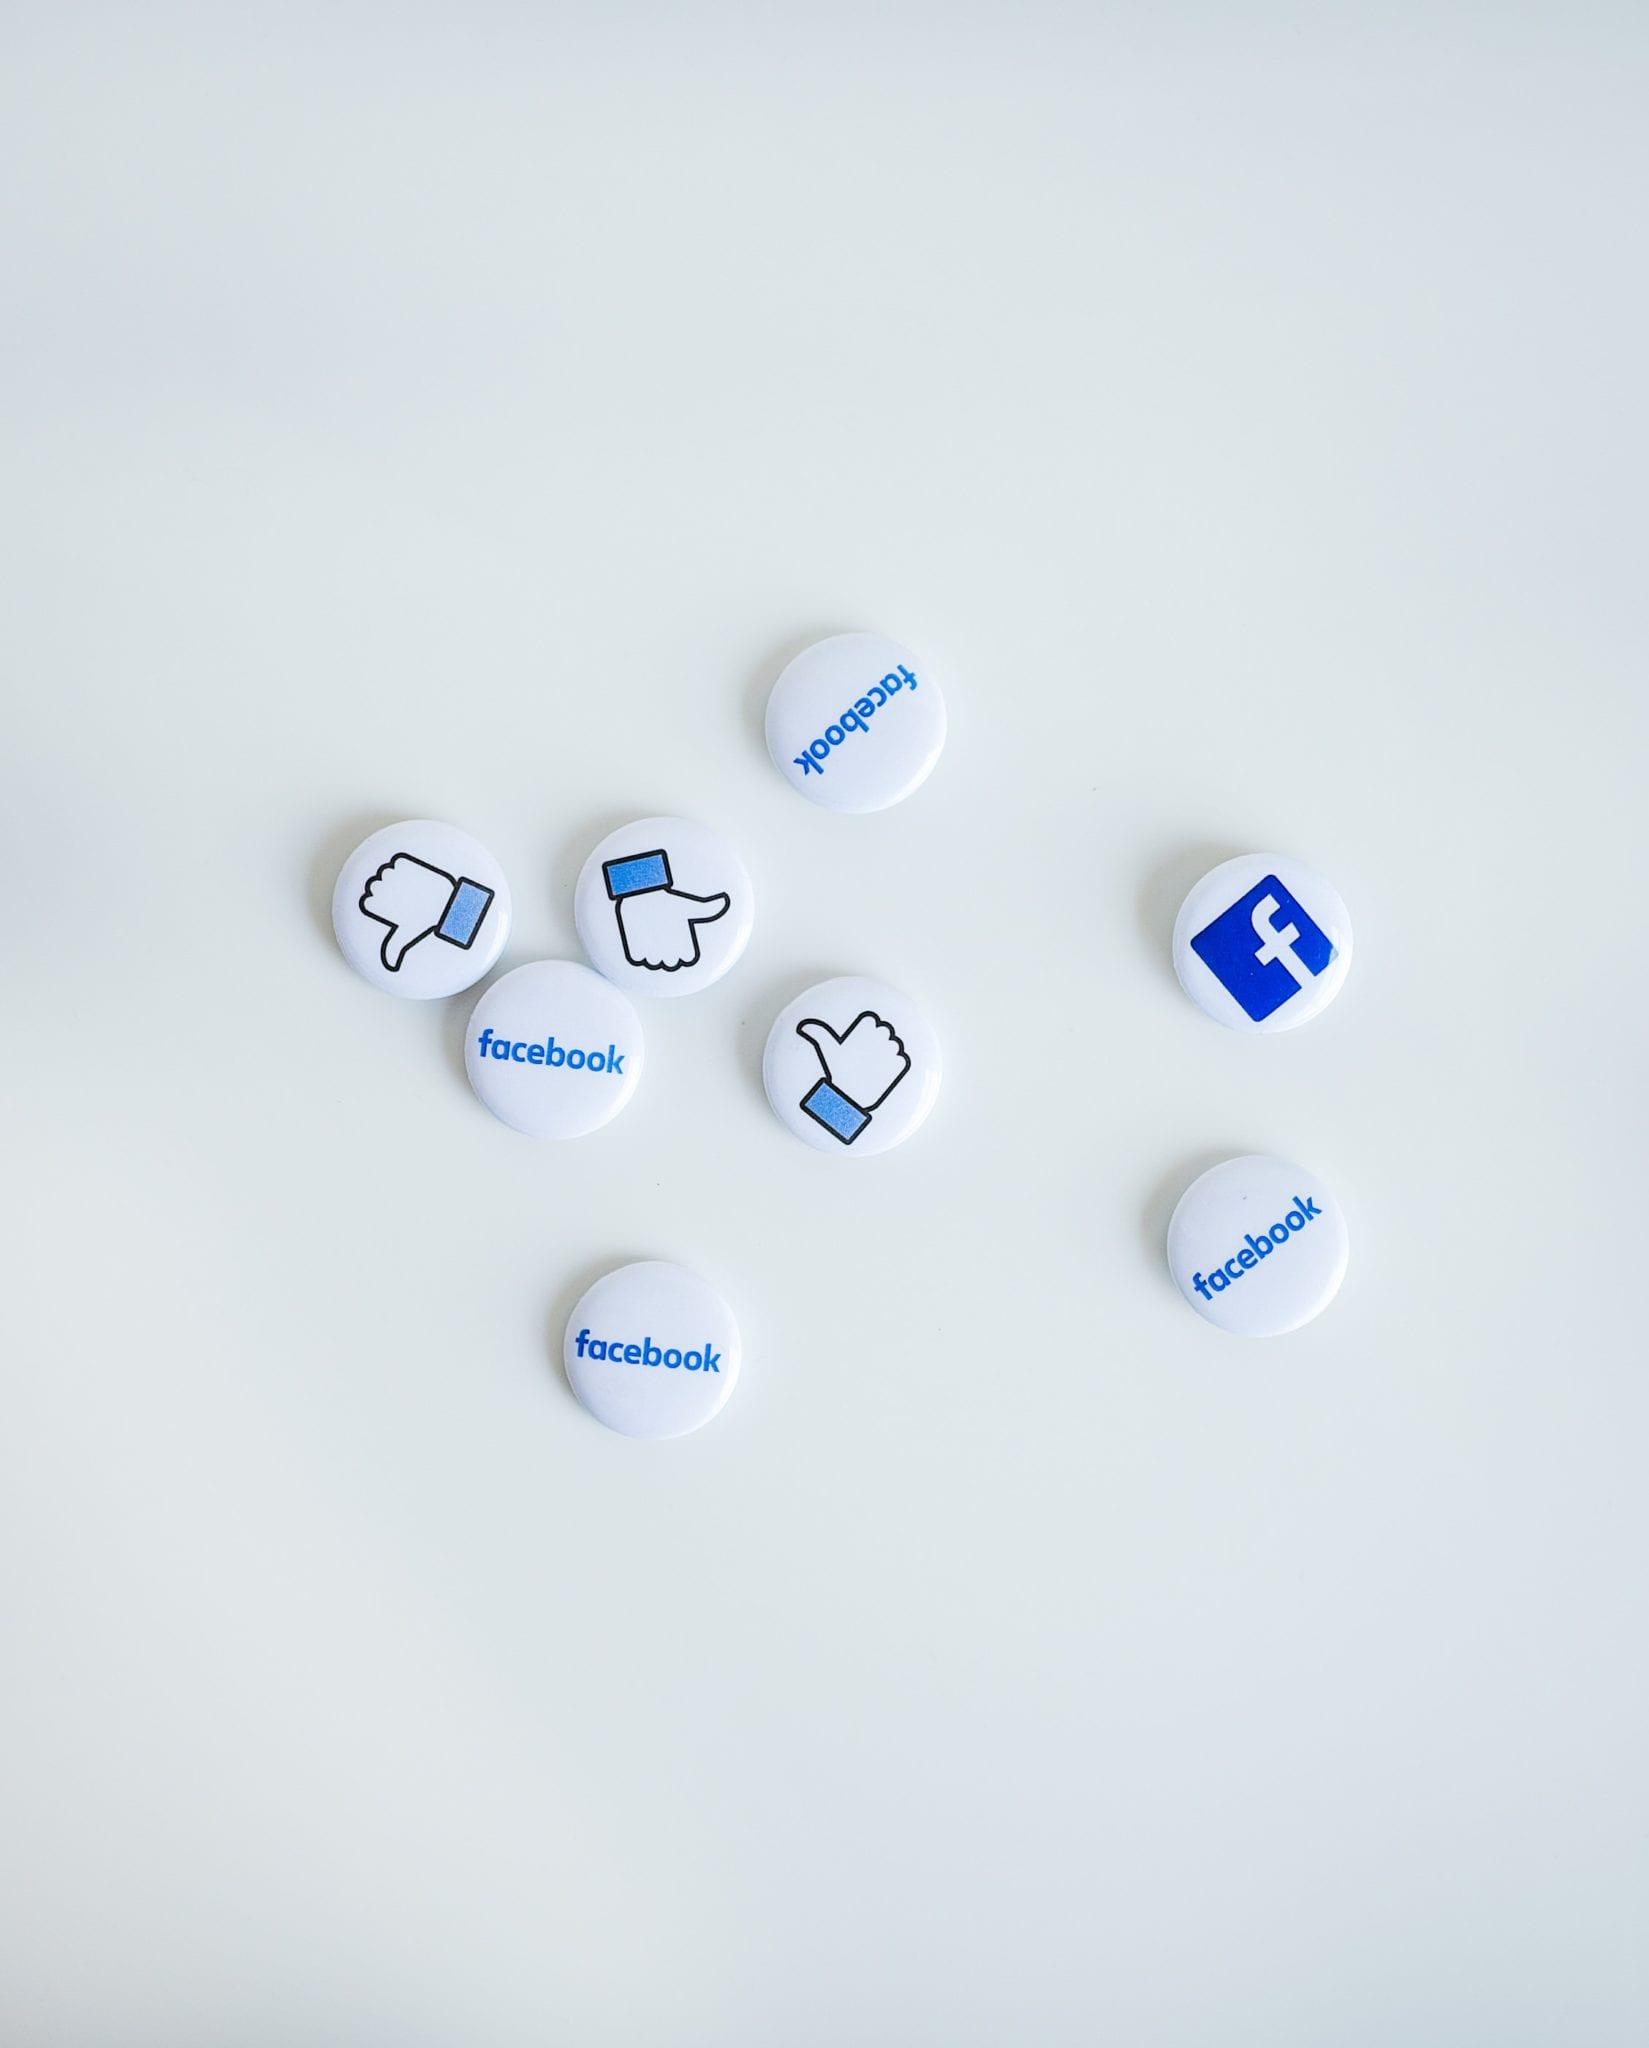 Pauta En Redes Sociales Y Los Diferentes Formatos 2heart